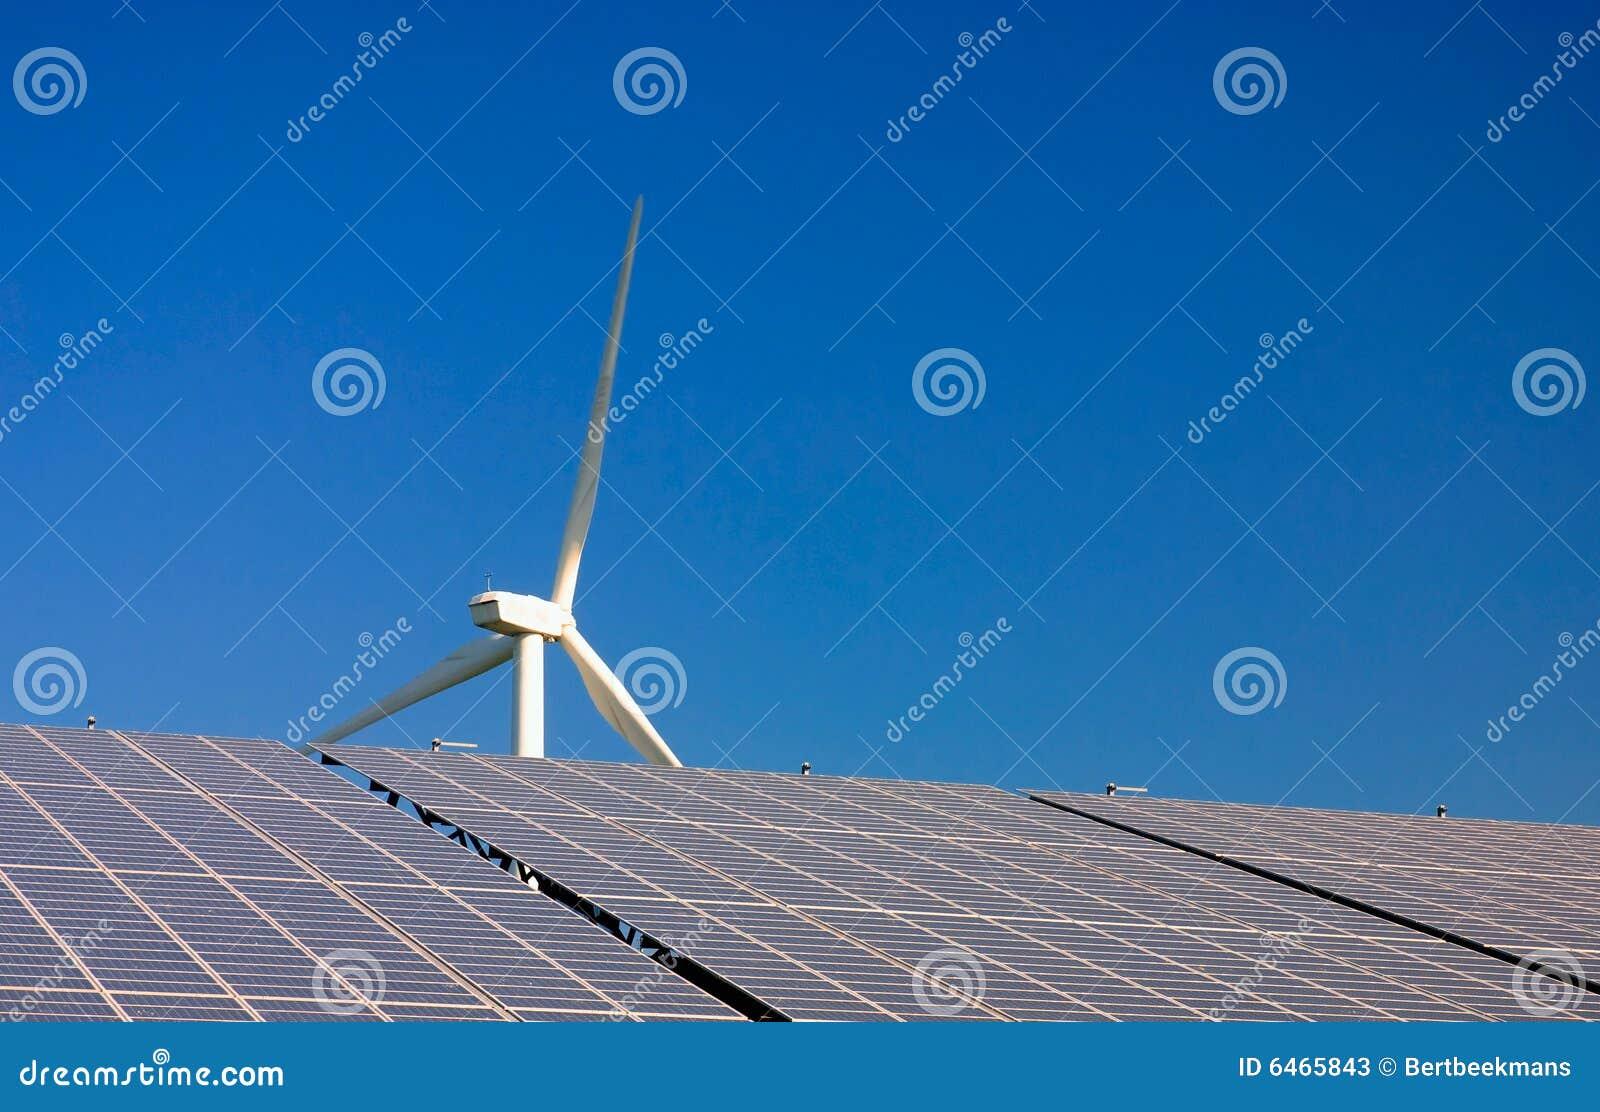 Władze roślin komórek turbiny wiatru słonecznego